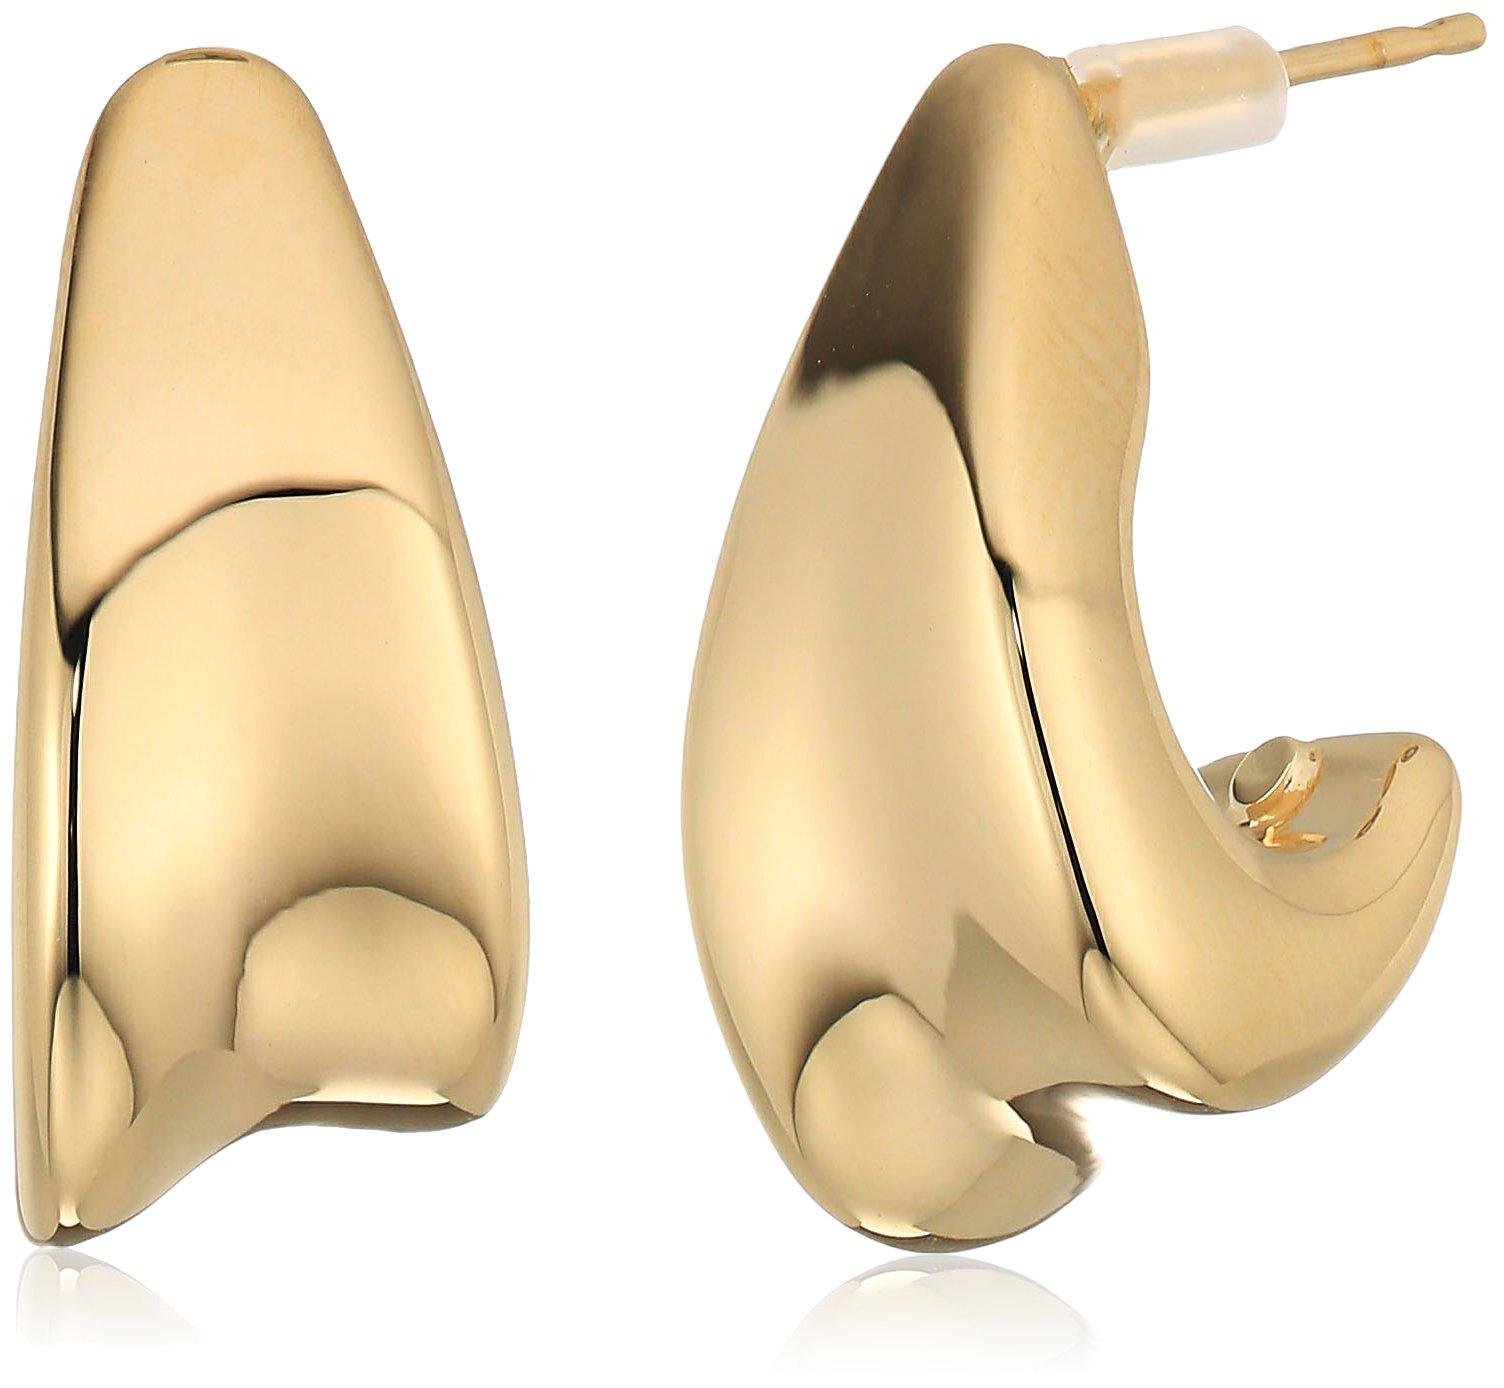 14k yellow gold j eletroform hoop earrings